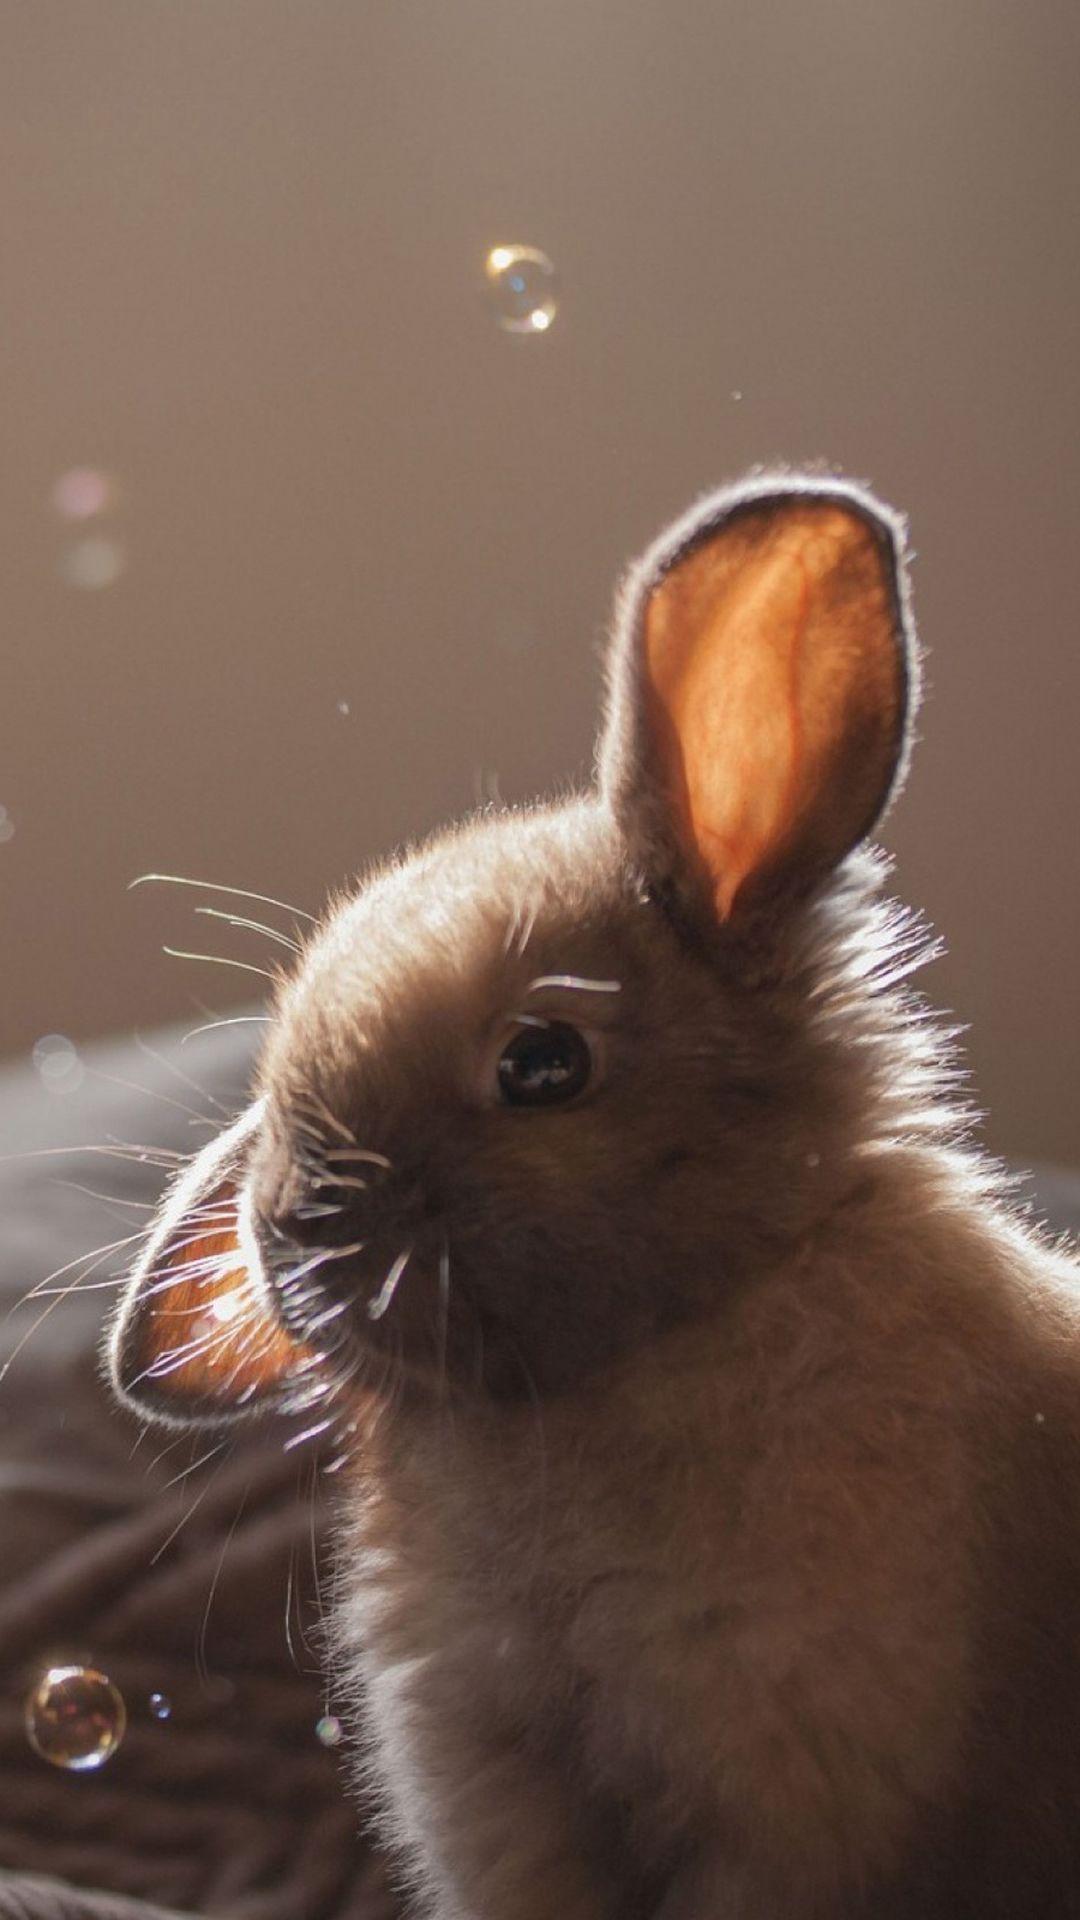 Cute Bunny Soap Bubbles IPhone 6 Wallpaper